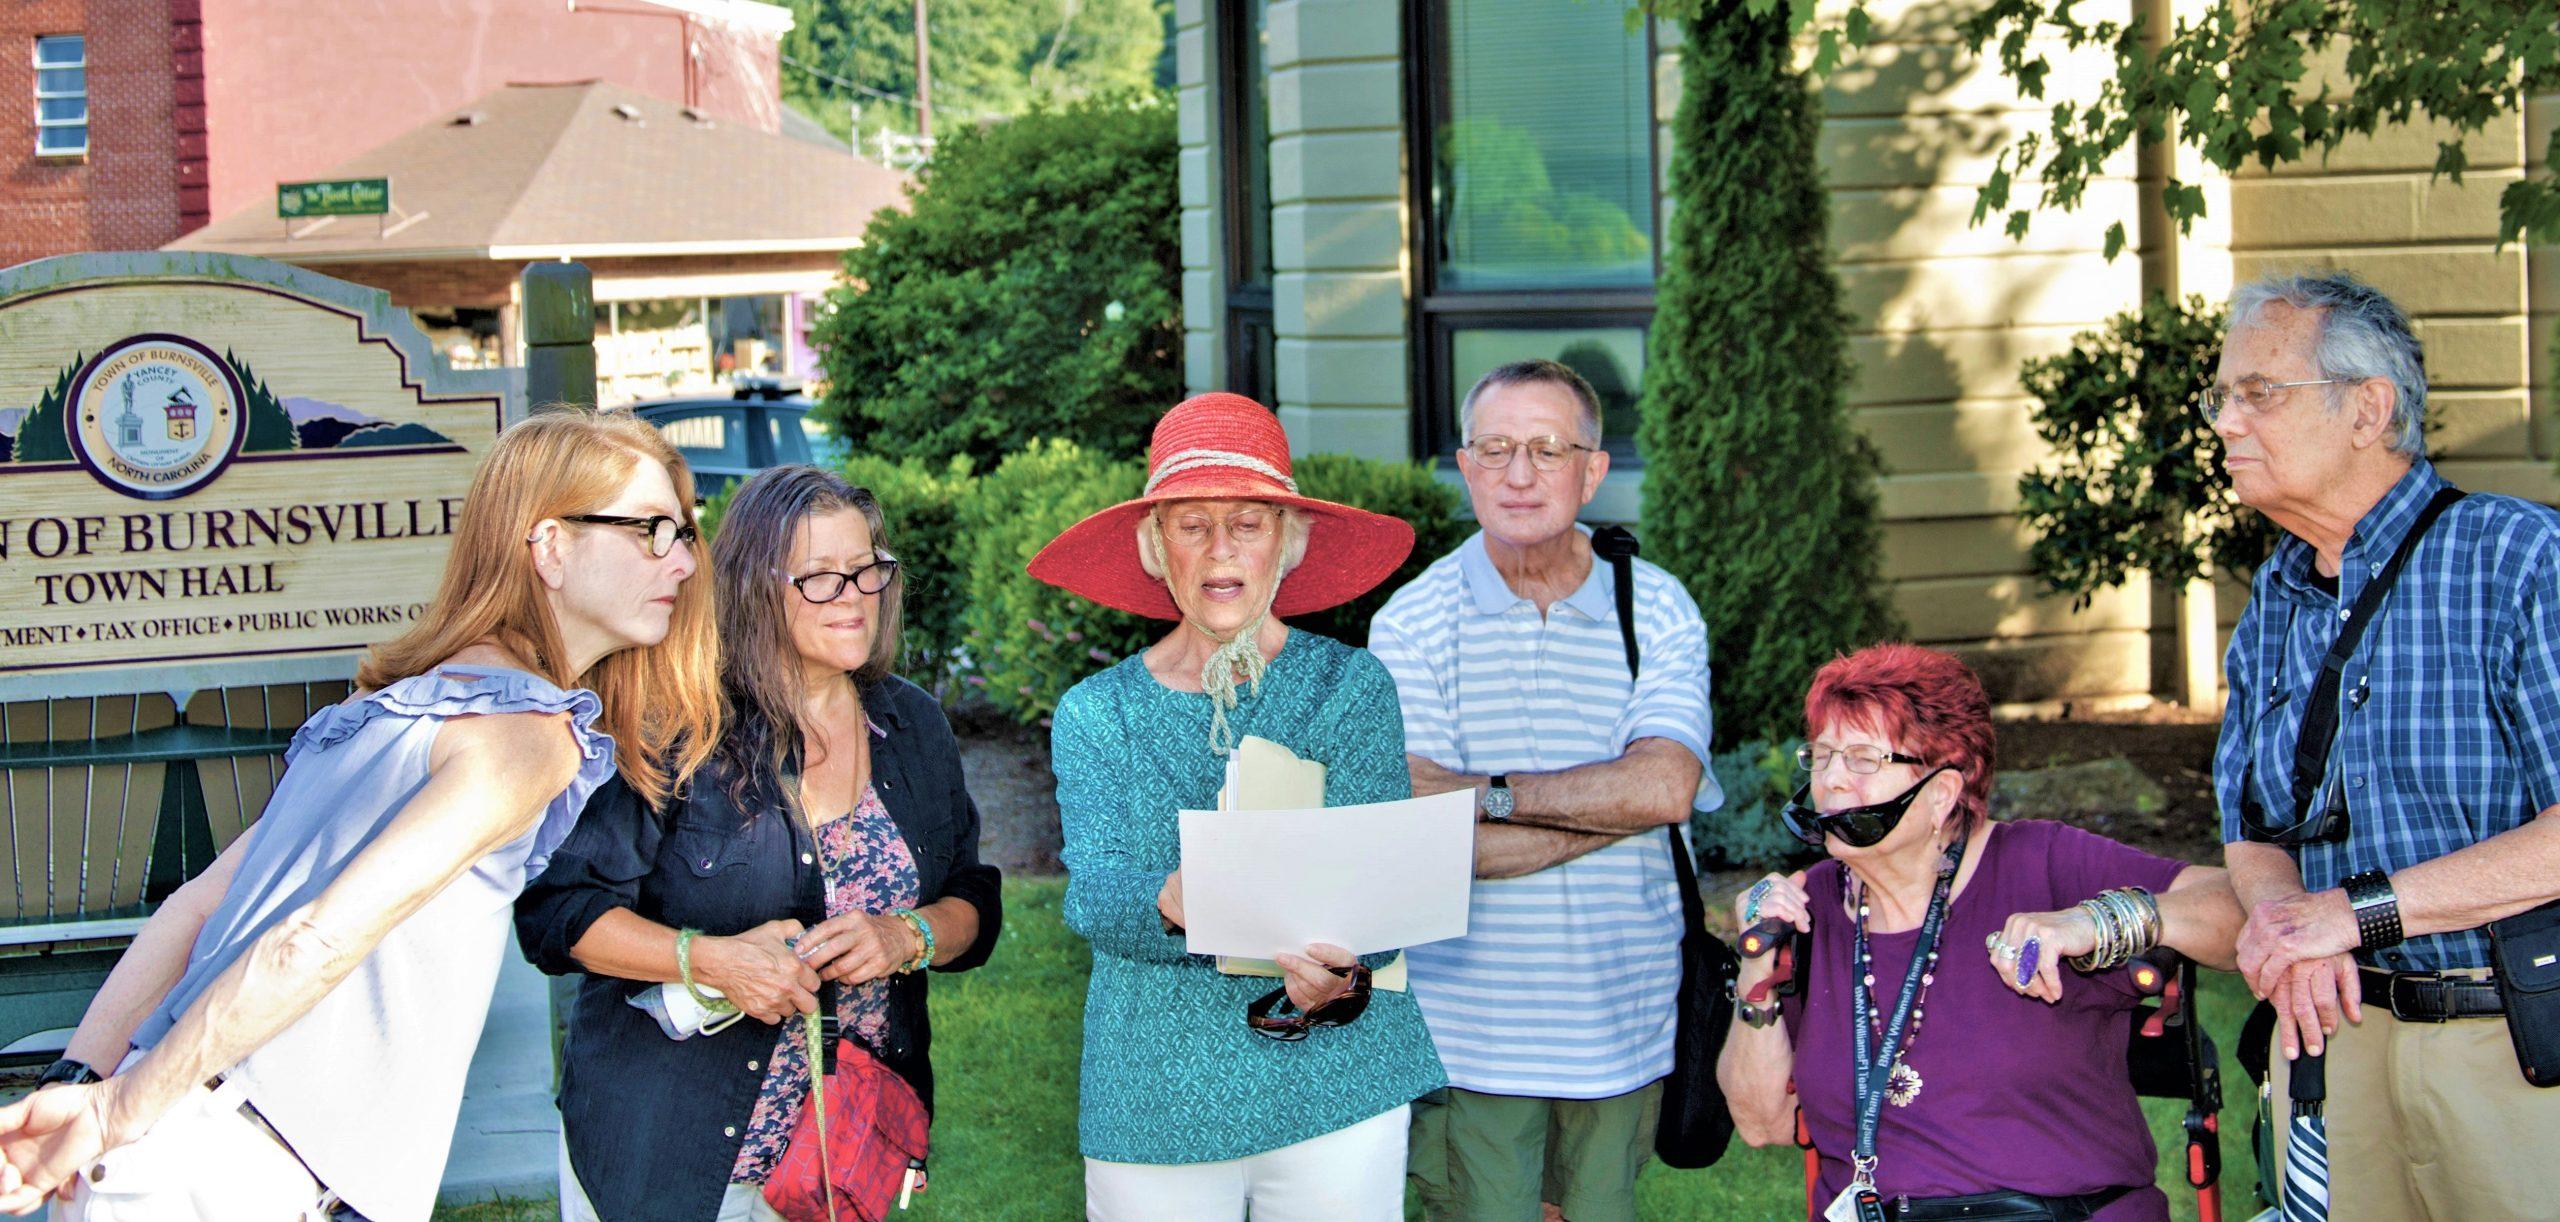 Burnsville NC Town Hall during walking tour of Burnsville by tour guide Ann Berdeen.